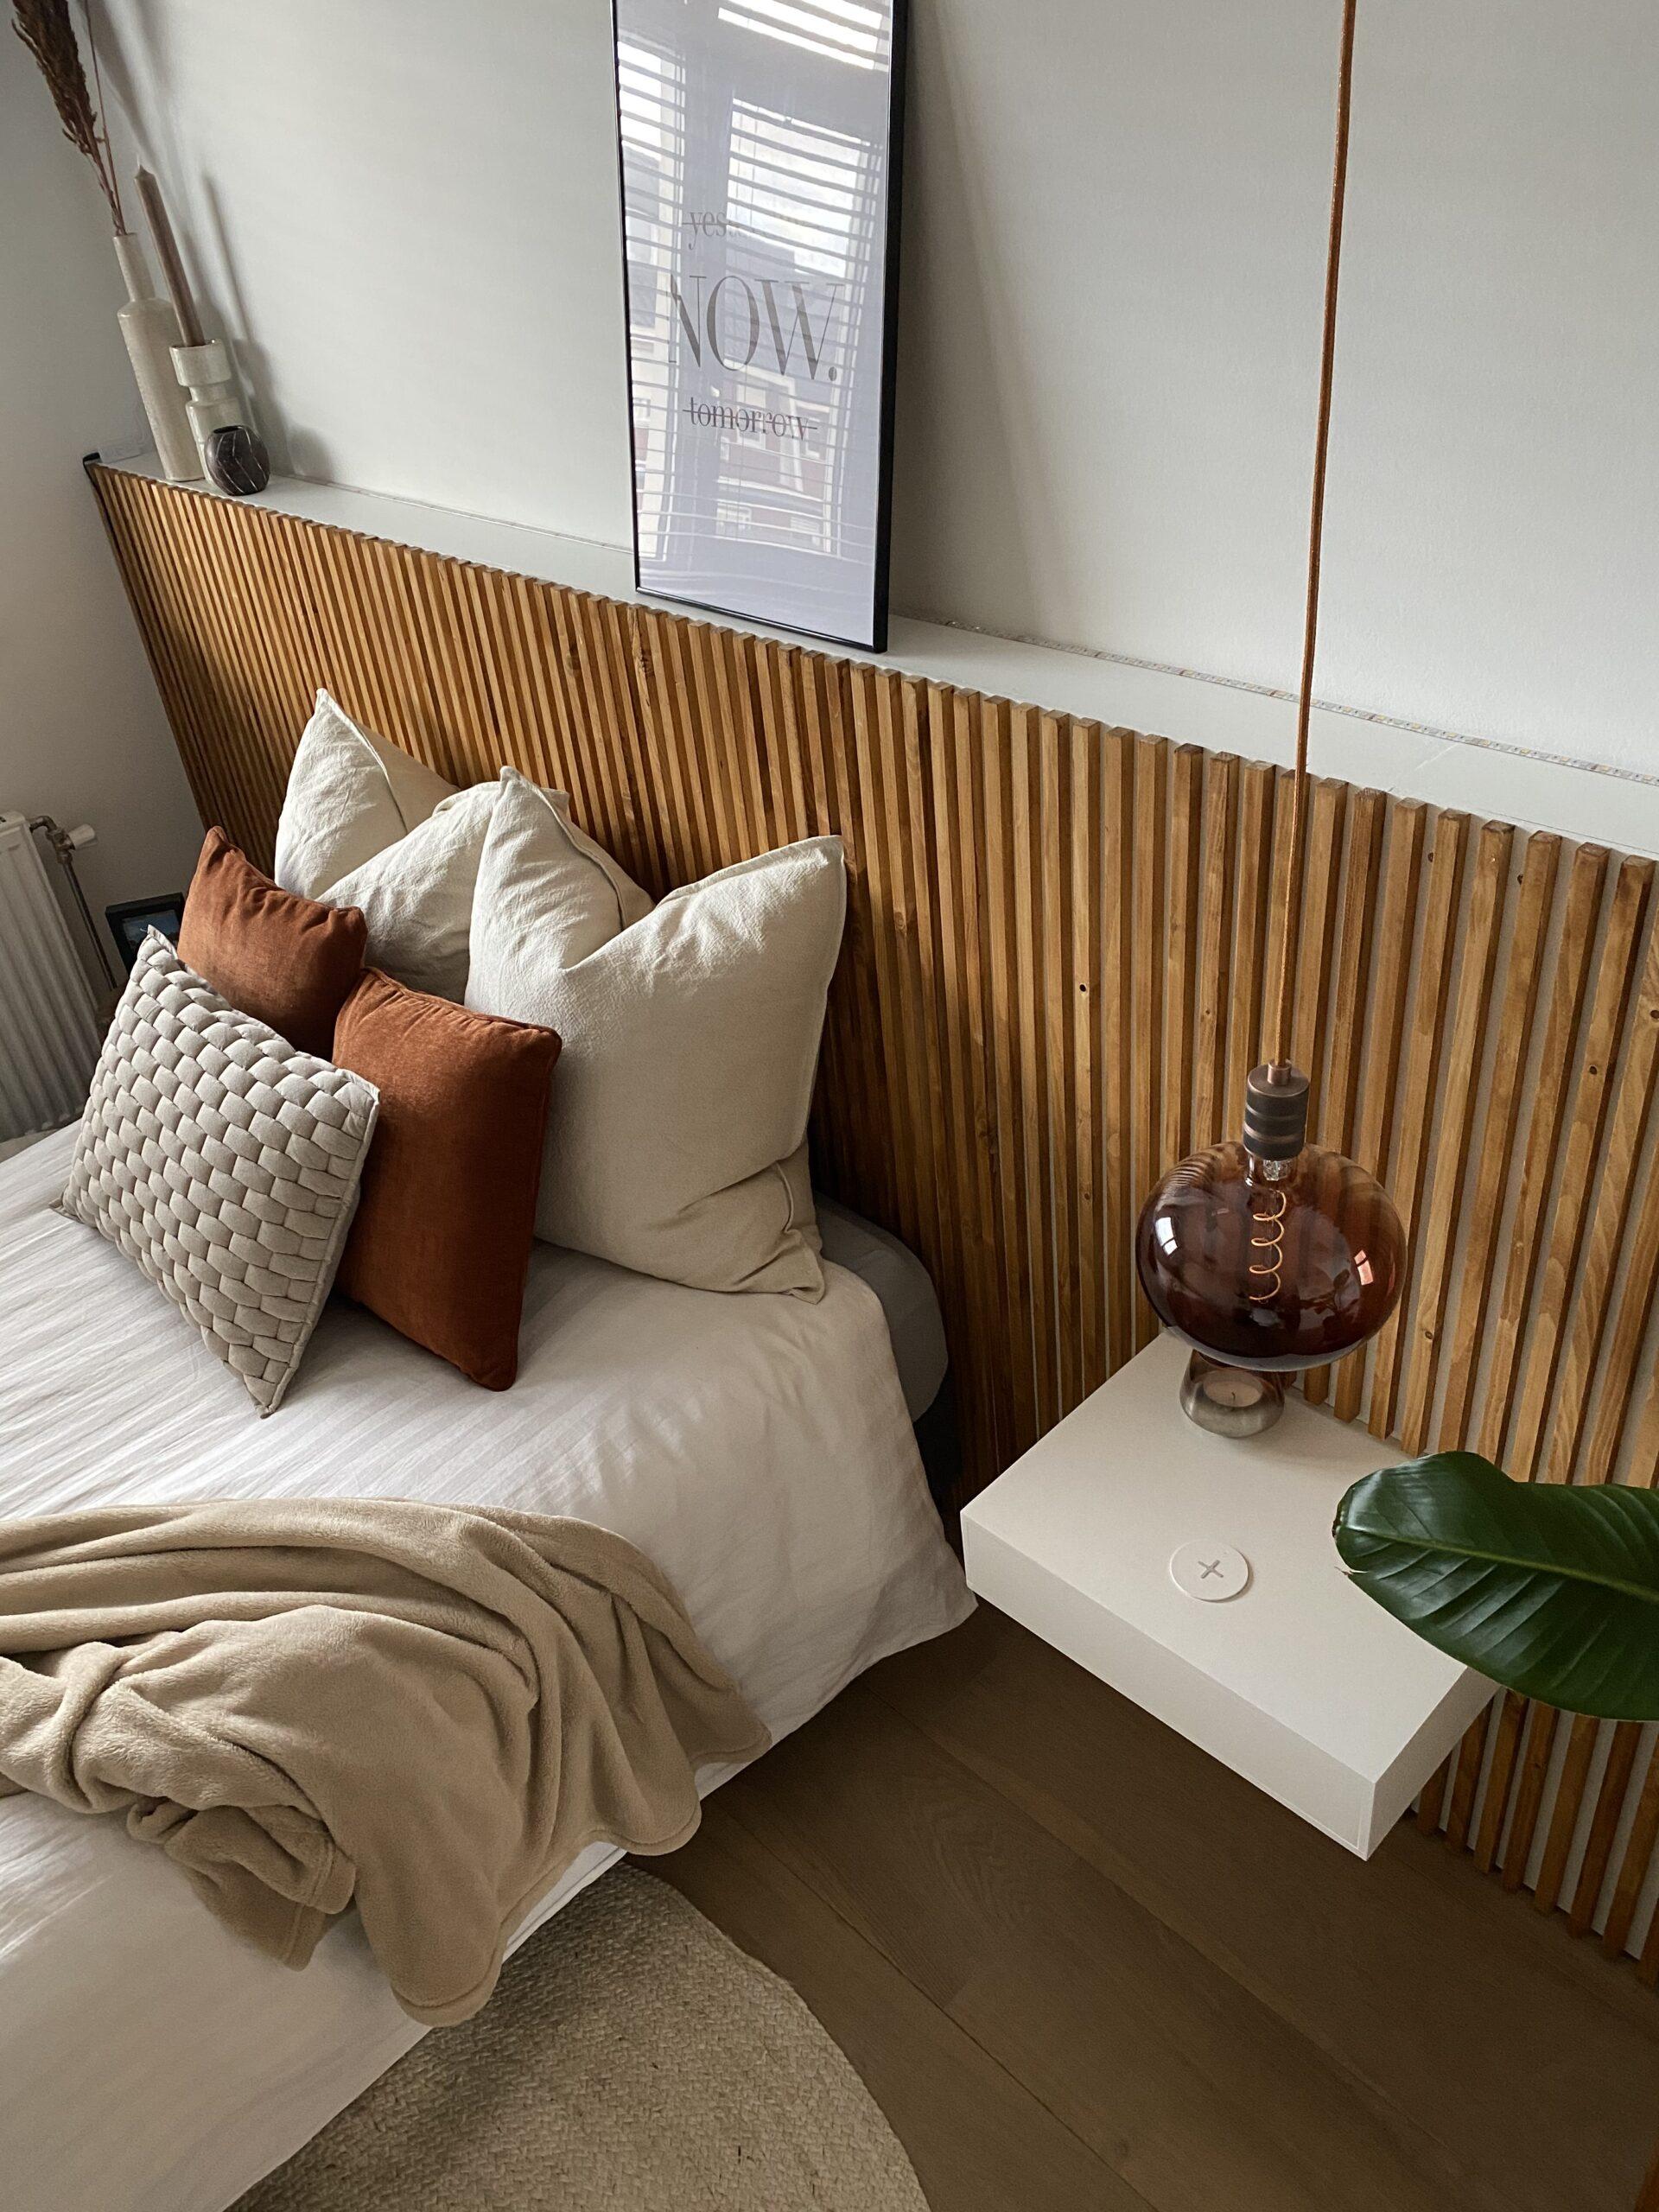 DIY hoofdbord van latten met zwevend nachtkastje en draadloze oplader en lightlights voor een aesthetic look